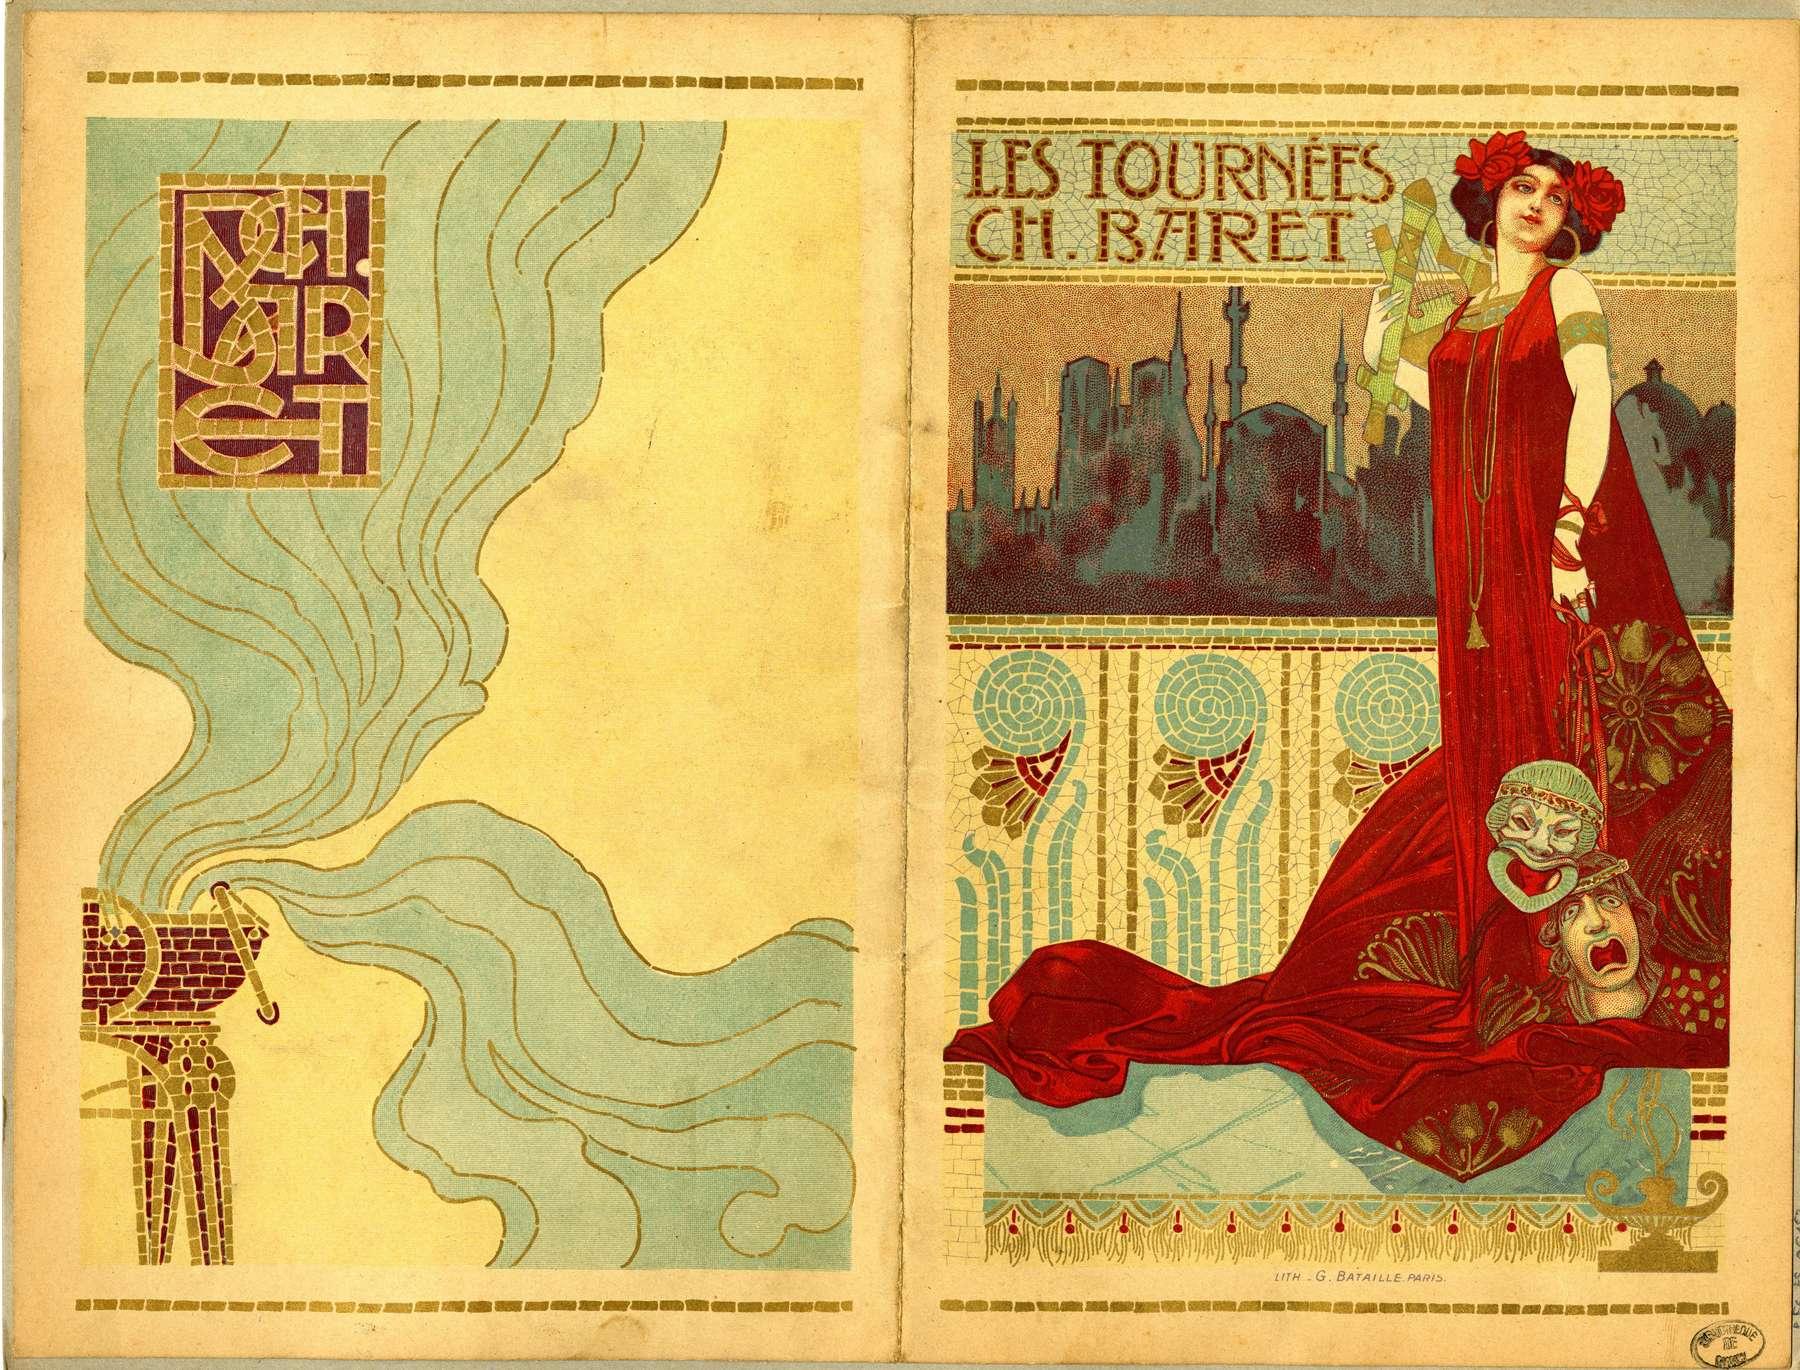 Contenu du Les tournées Ch. Baret